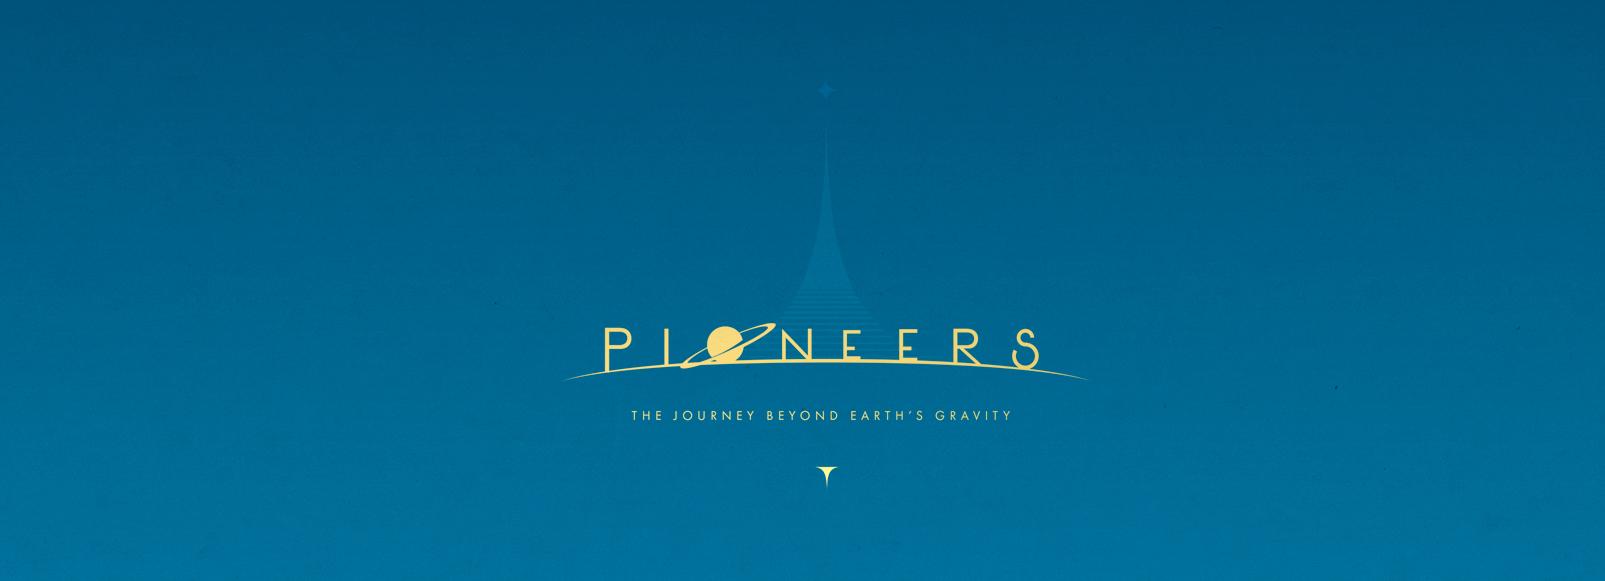 Pioneers page header